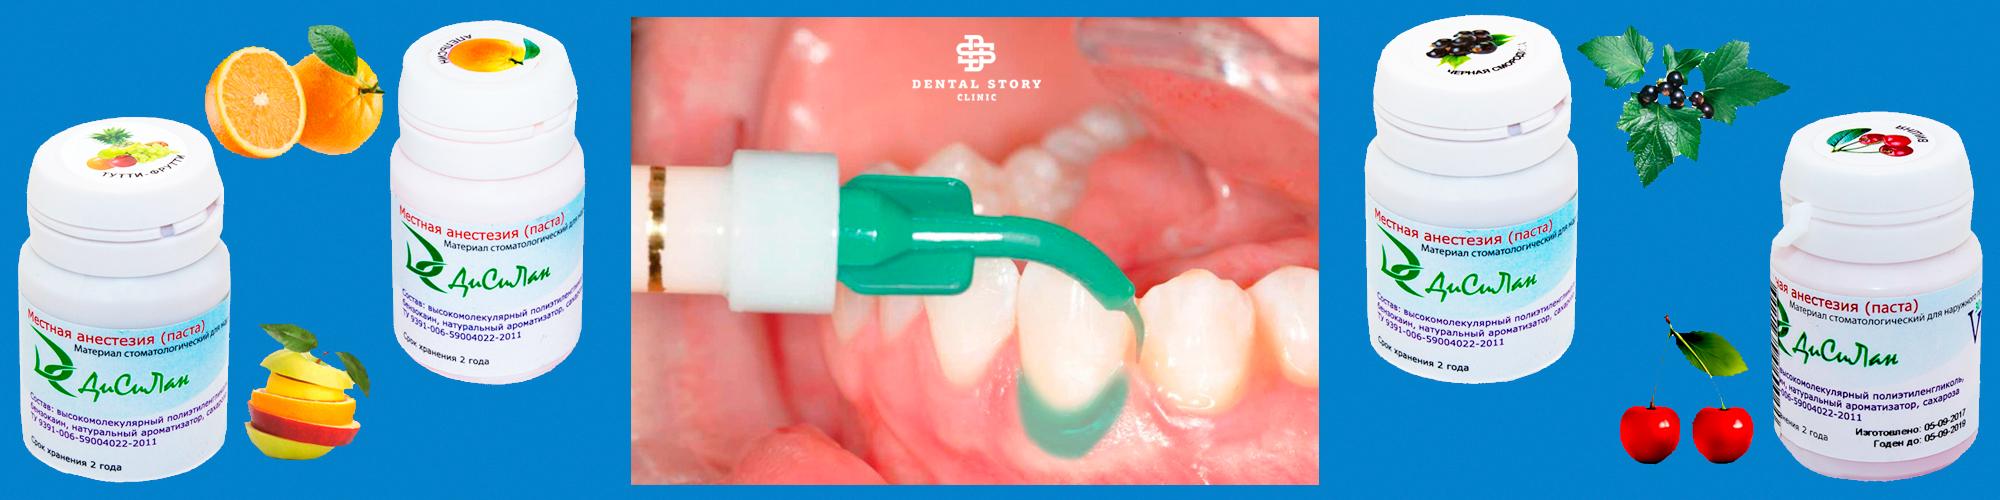 Аппликационная анестезия в стоматологии Dental Story